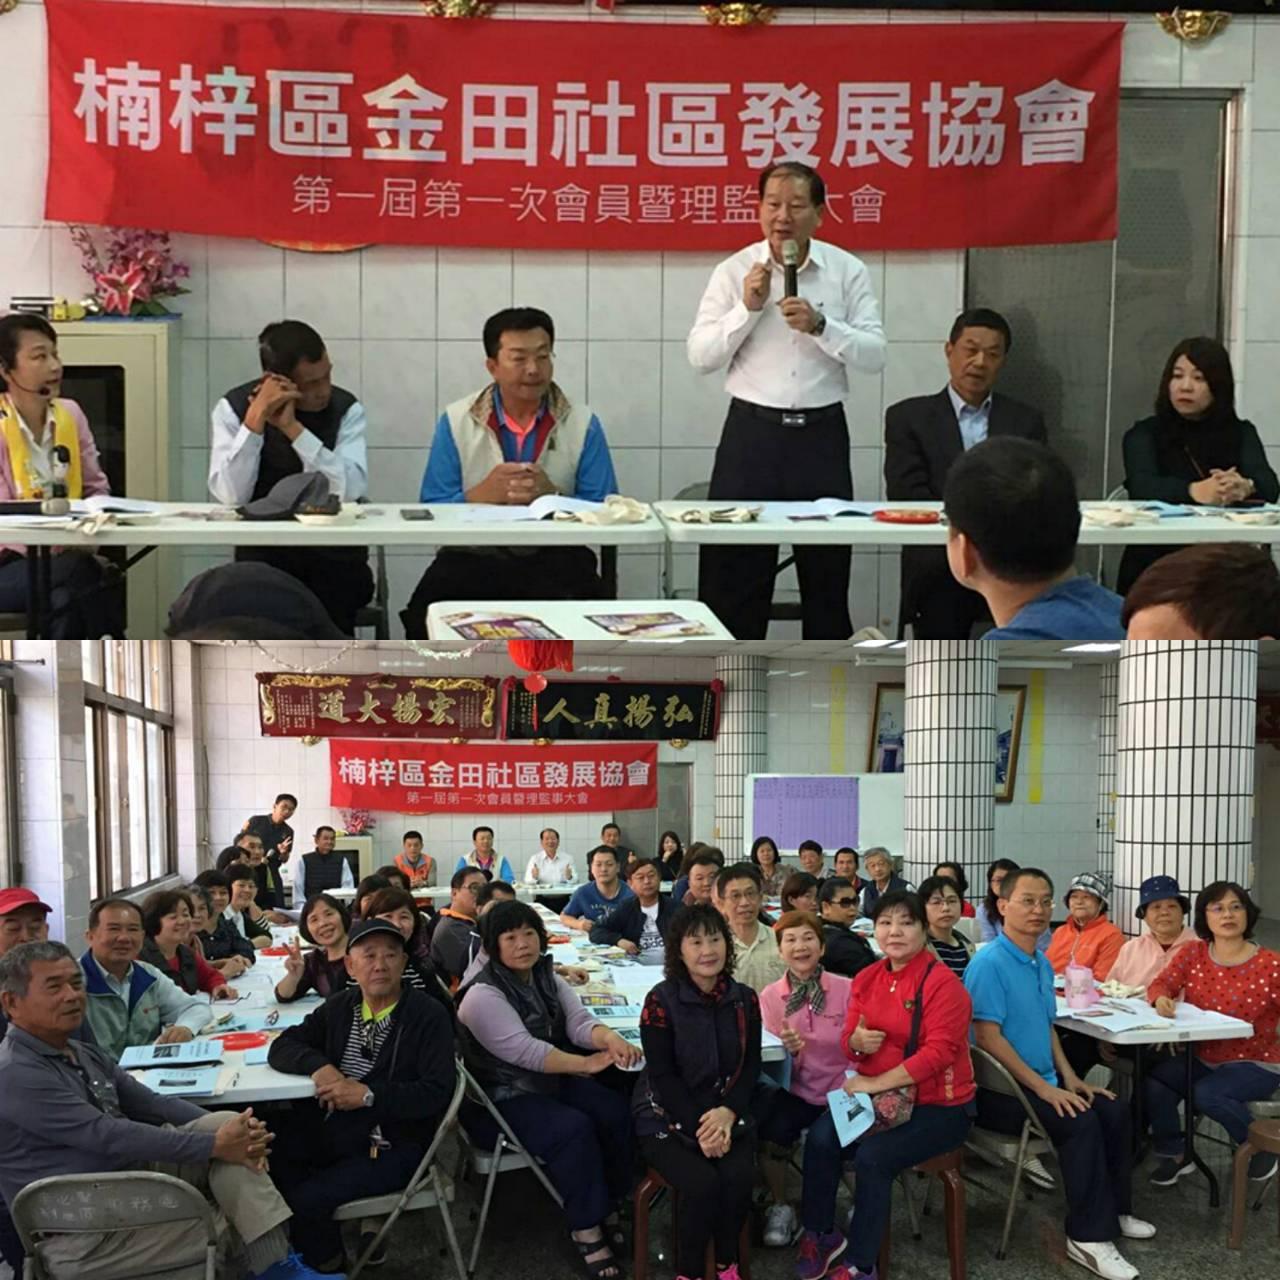 區長出席參加金田社區發展協會成立大會活動.